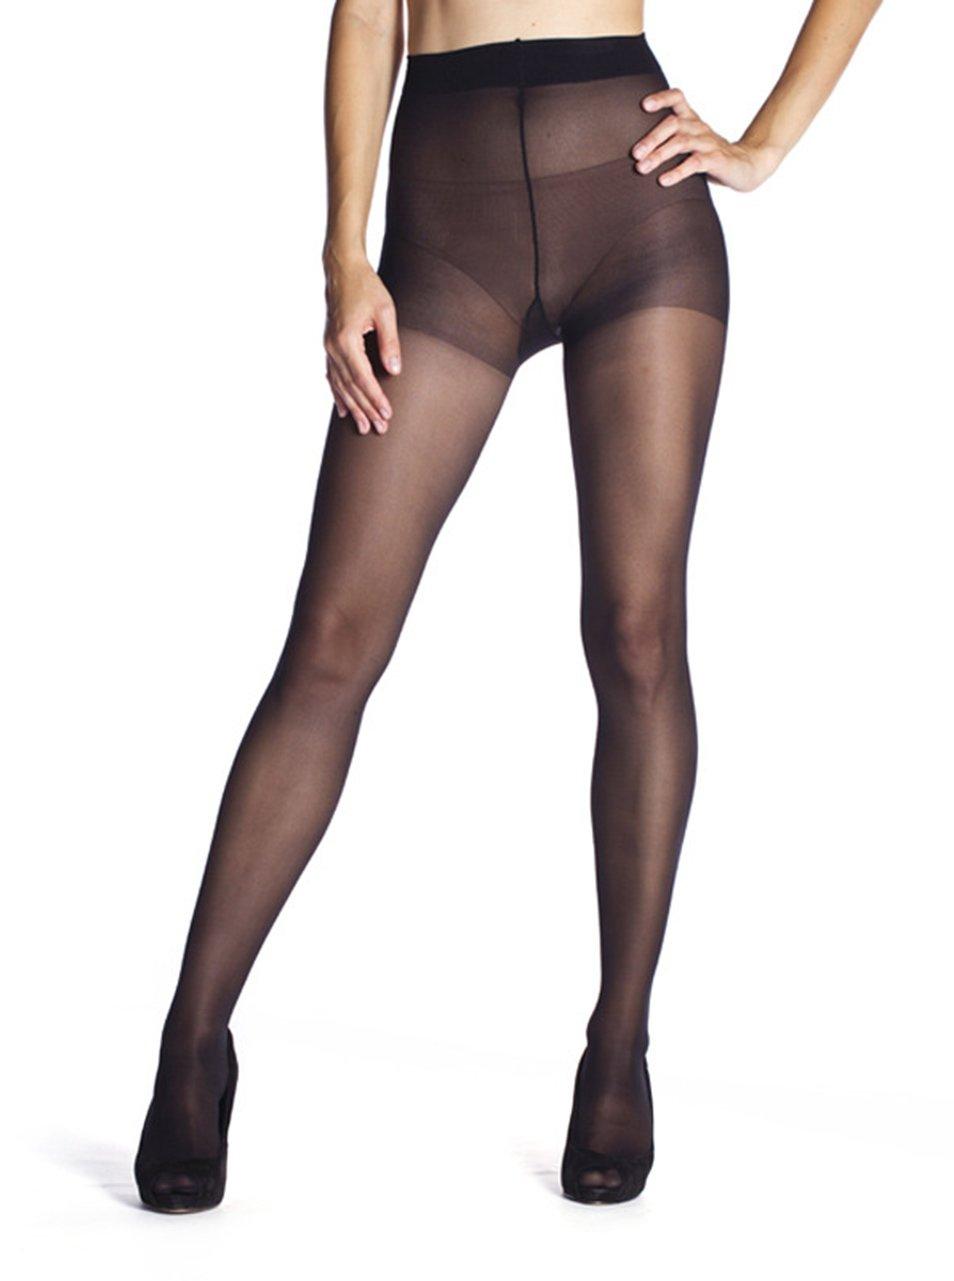 Sada dvou punčochových kalhot v černé barvě Bellinda Fit in Form 40 DEN